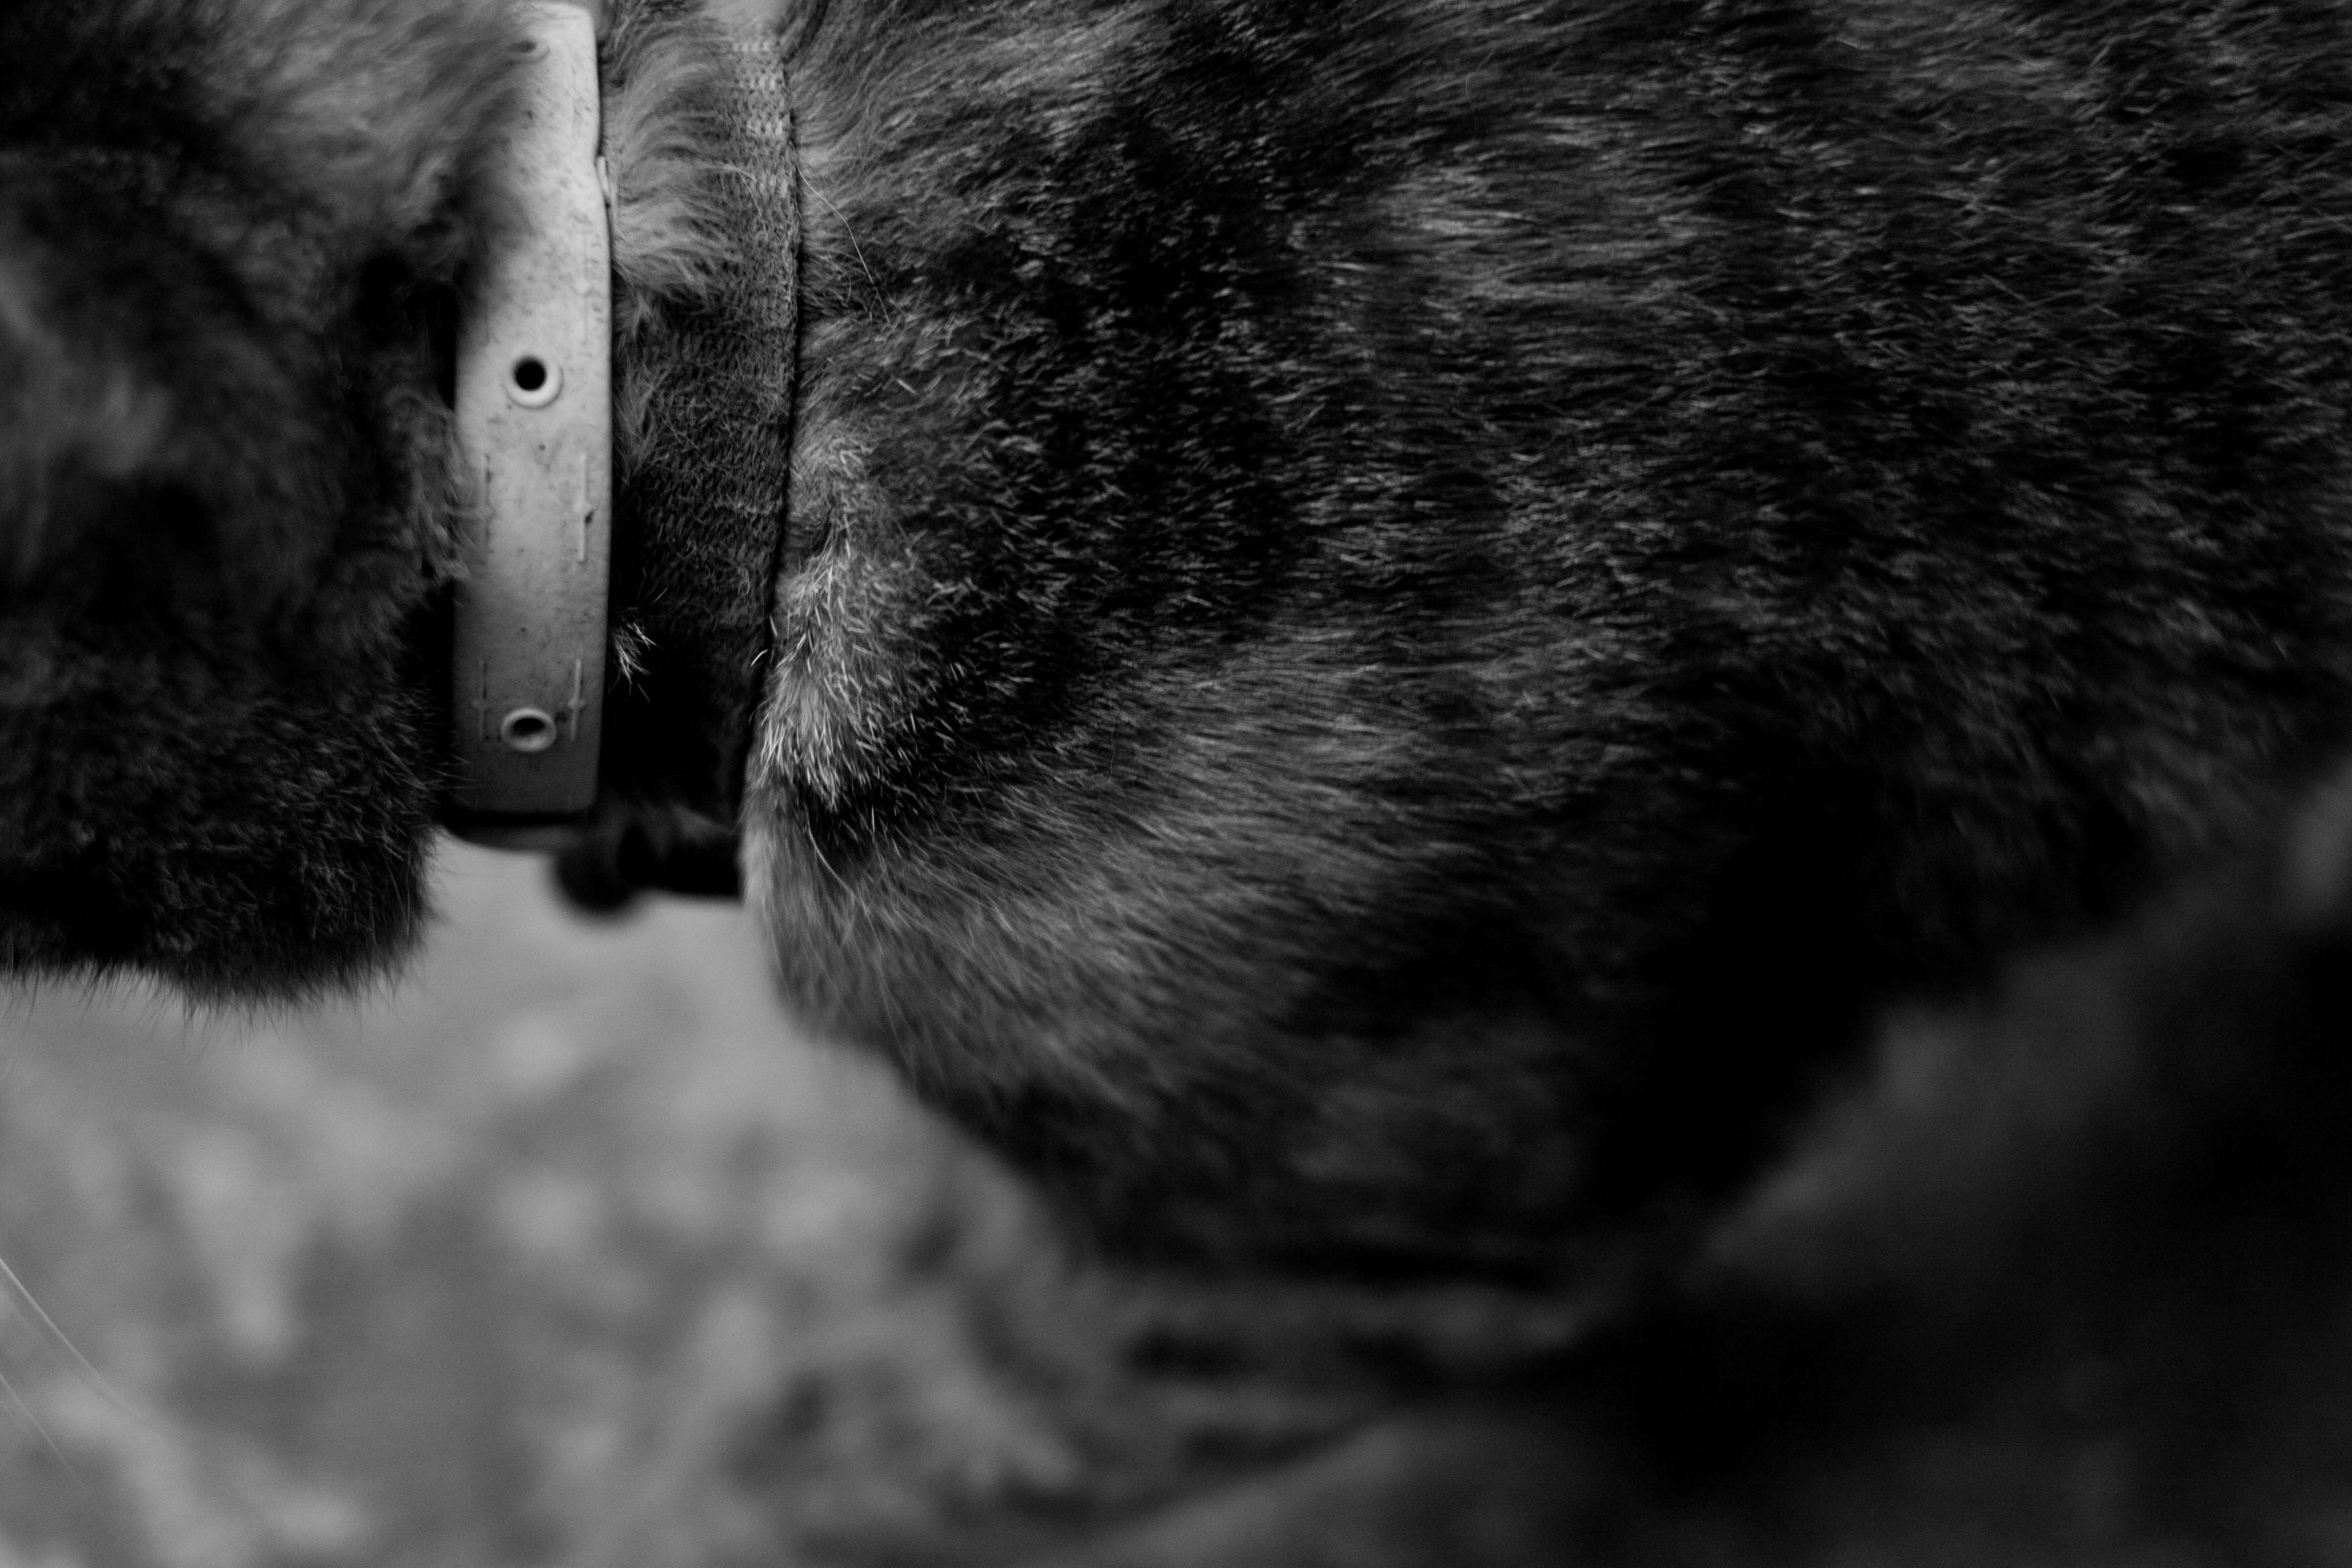 Gato chino callejero.